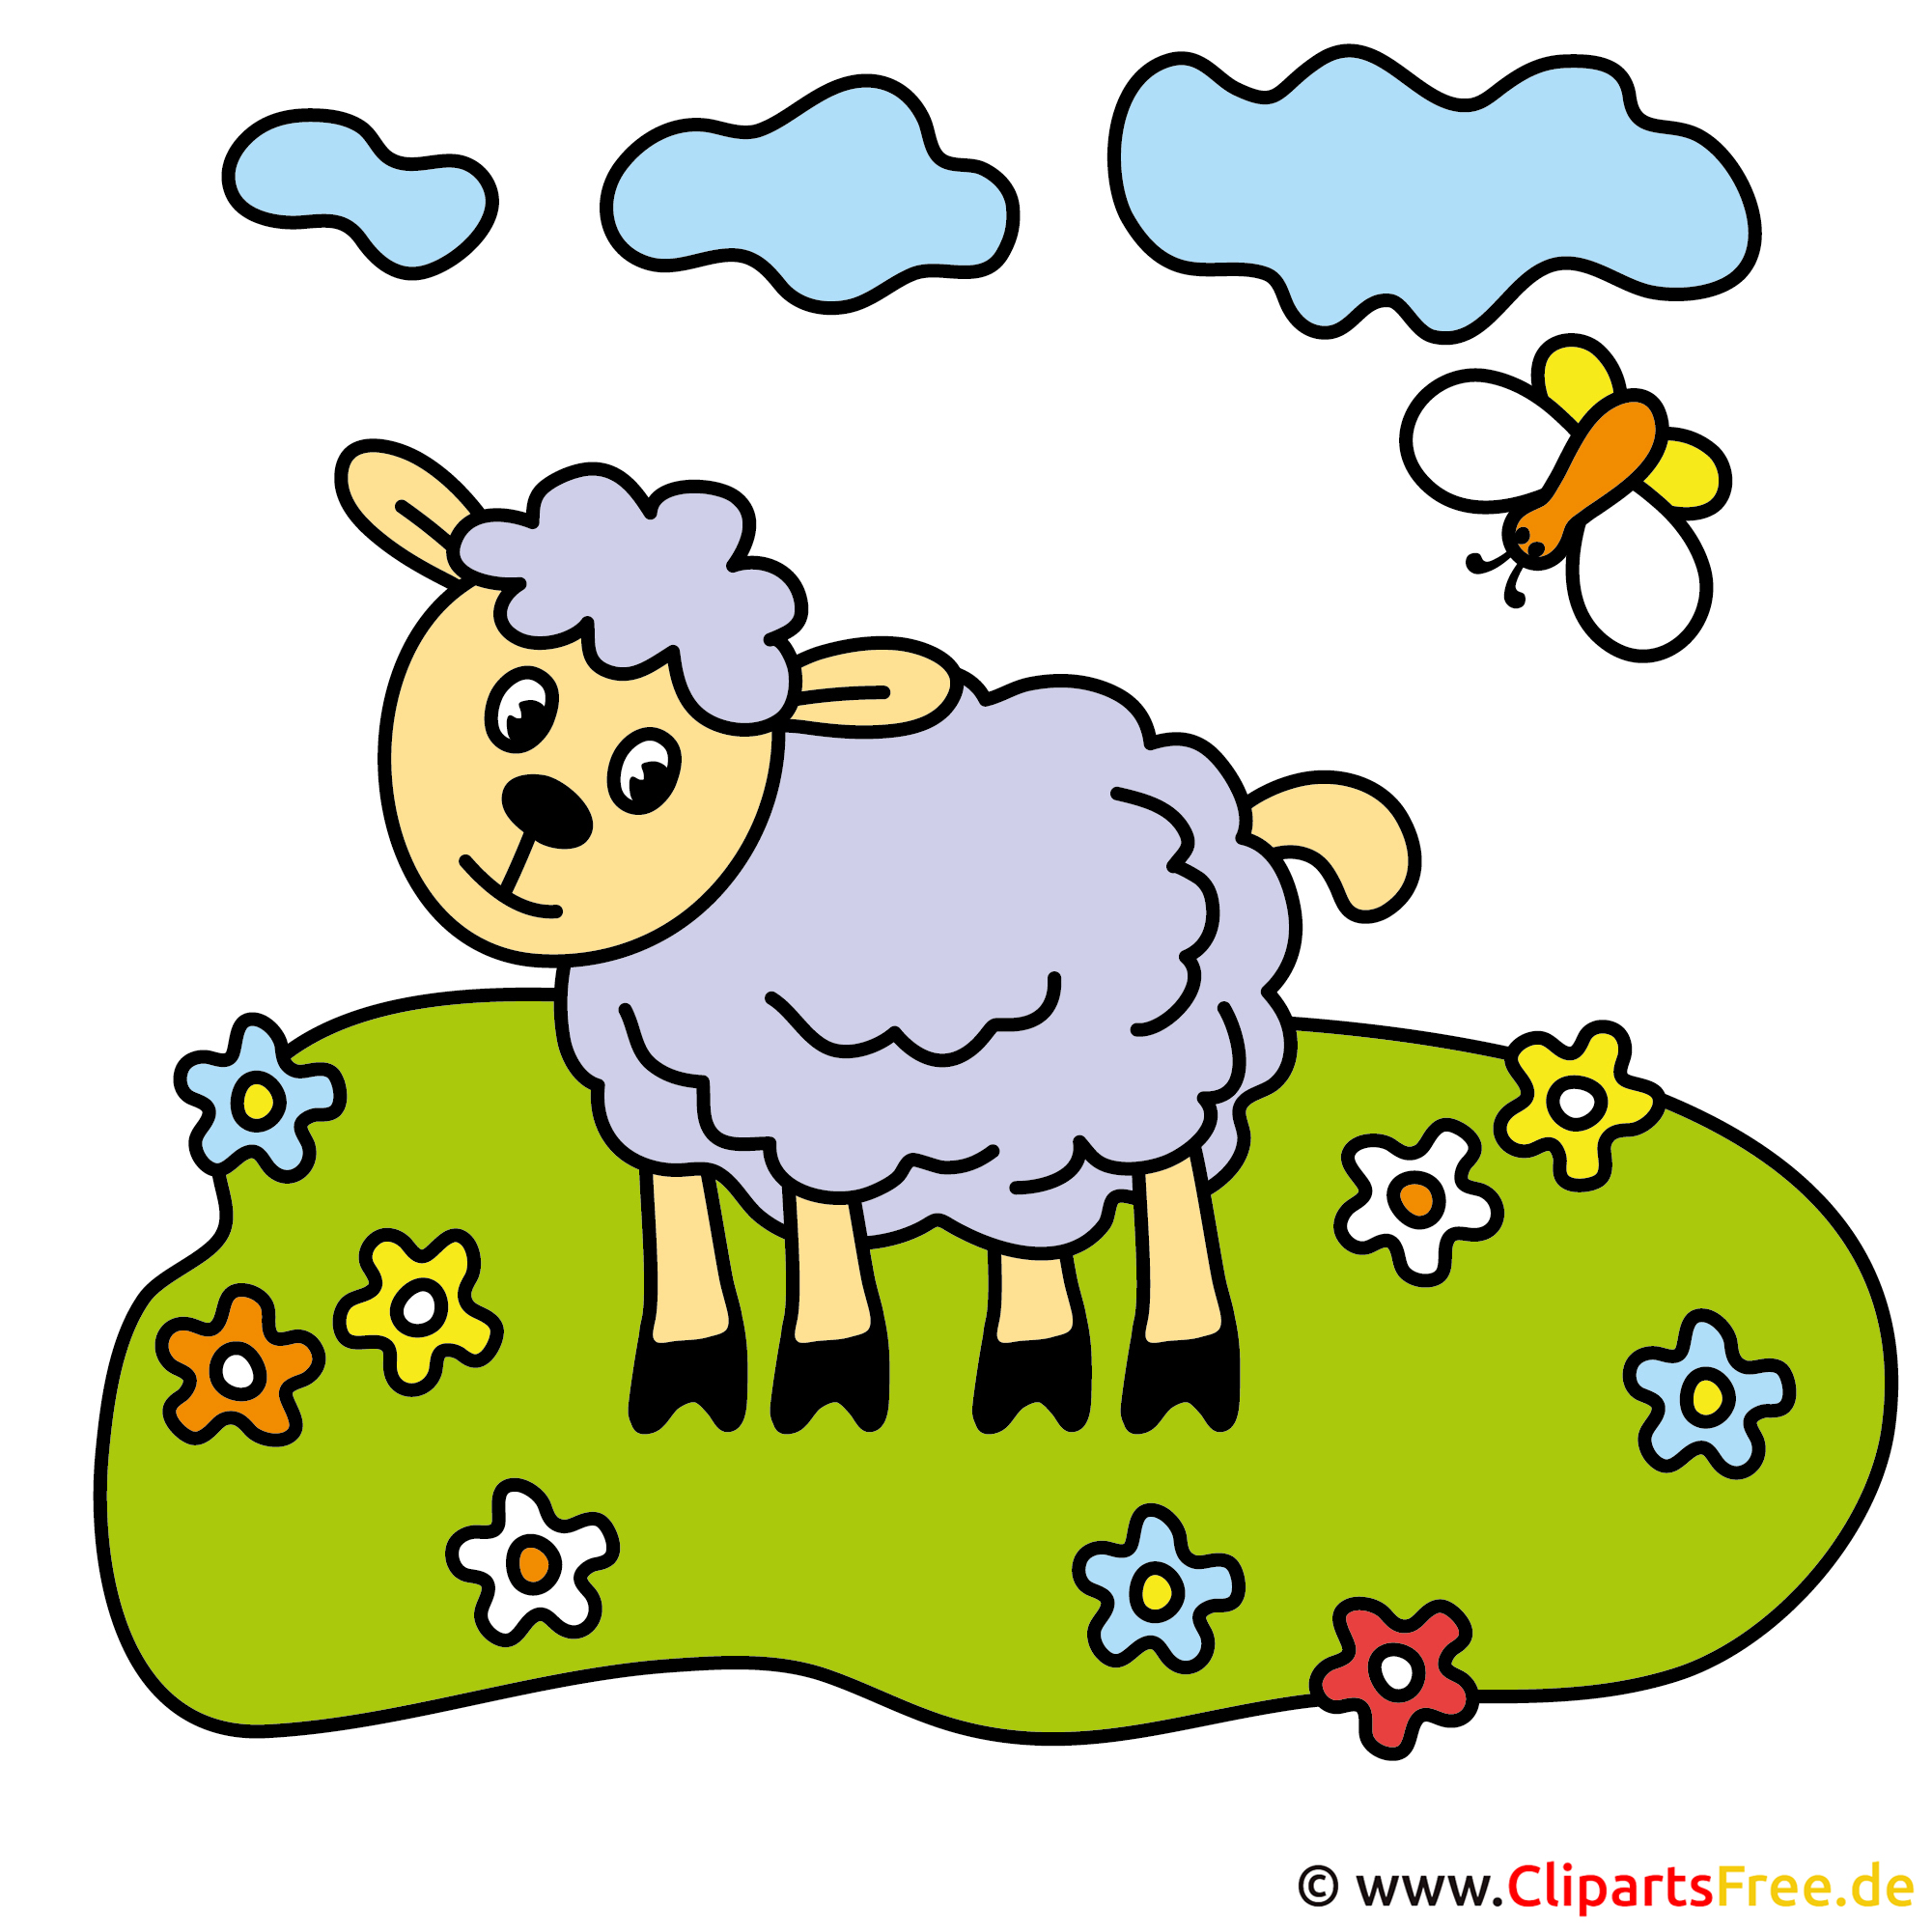 Schaf auf der Wiese Cartoon Bild kostenlos  Schaf auf der W...